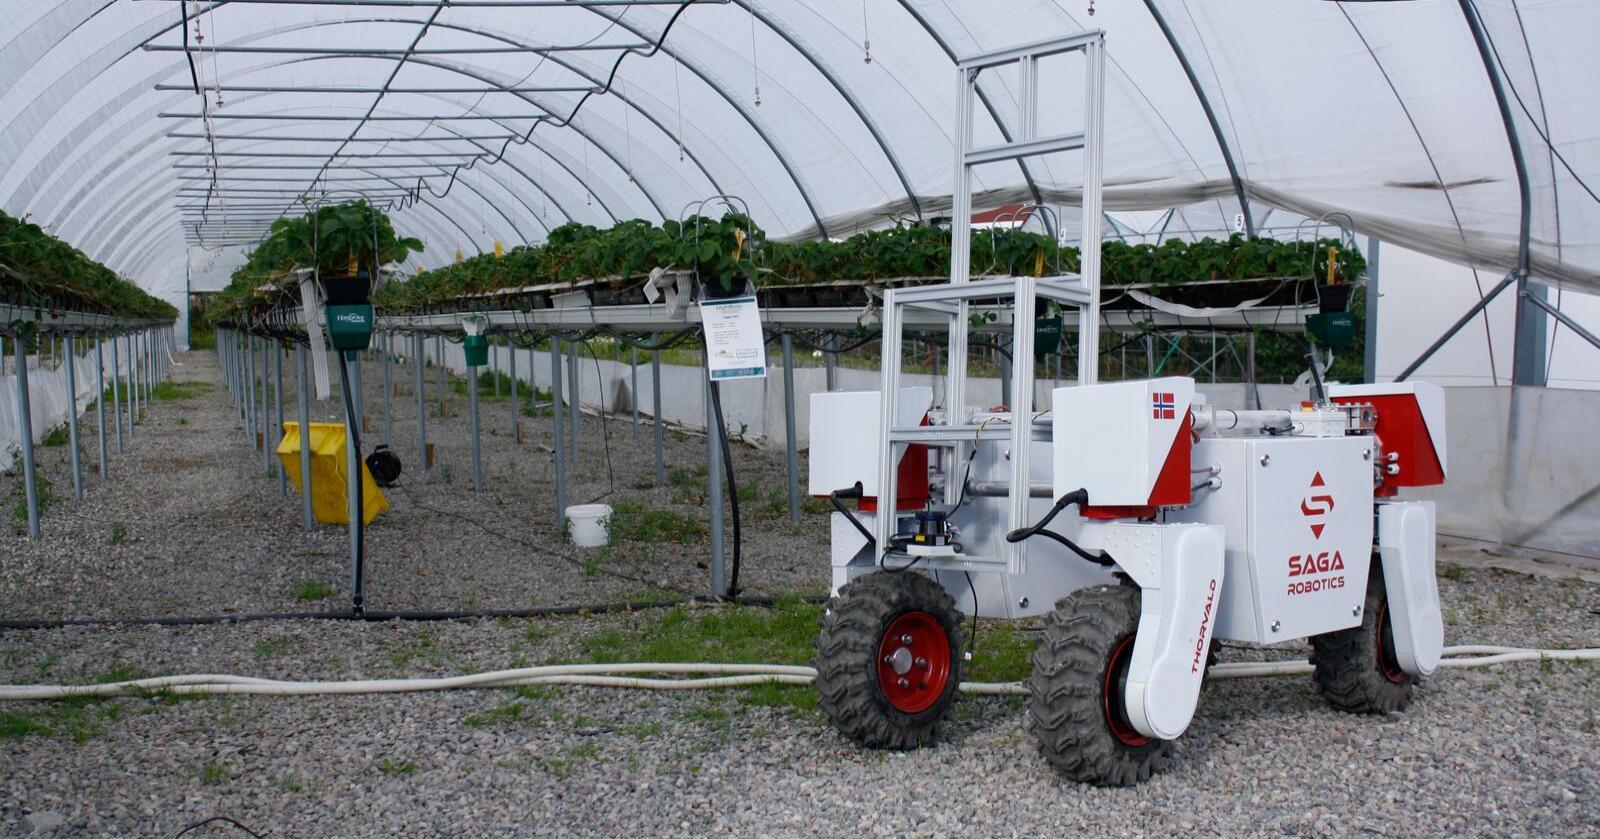 Ulike versjoner av roboten - døpt Thorvald - testes ut på flere steder, for eksempel innen grønnsaker, veksthus og jordbruk. Her er Thorvald under testkjøring i jordbærdyrking. Foto: Pål From